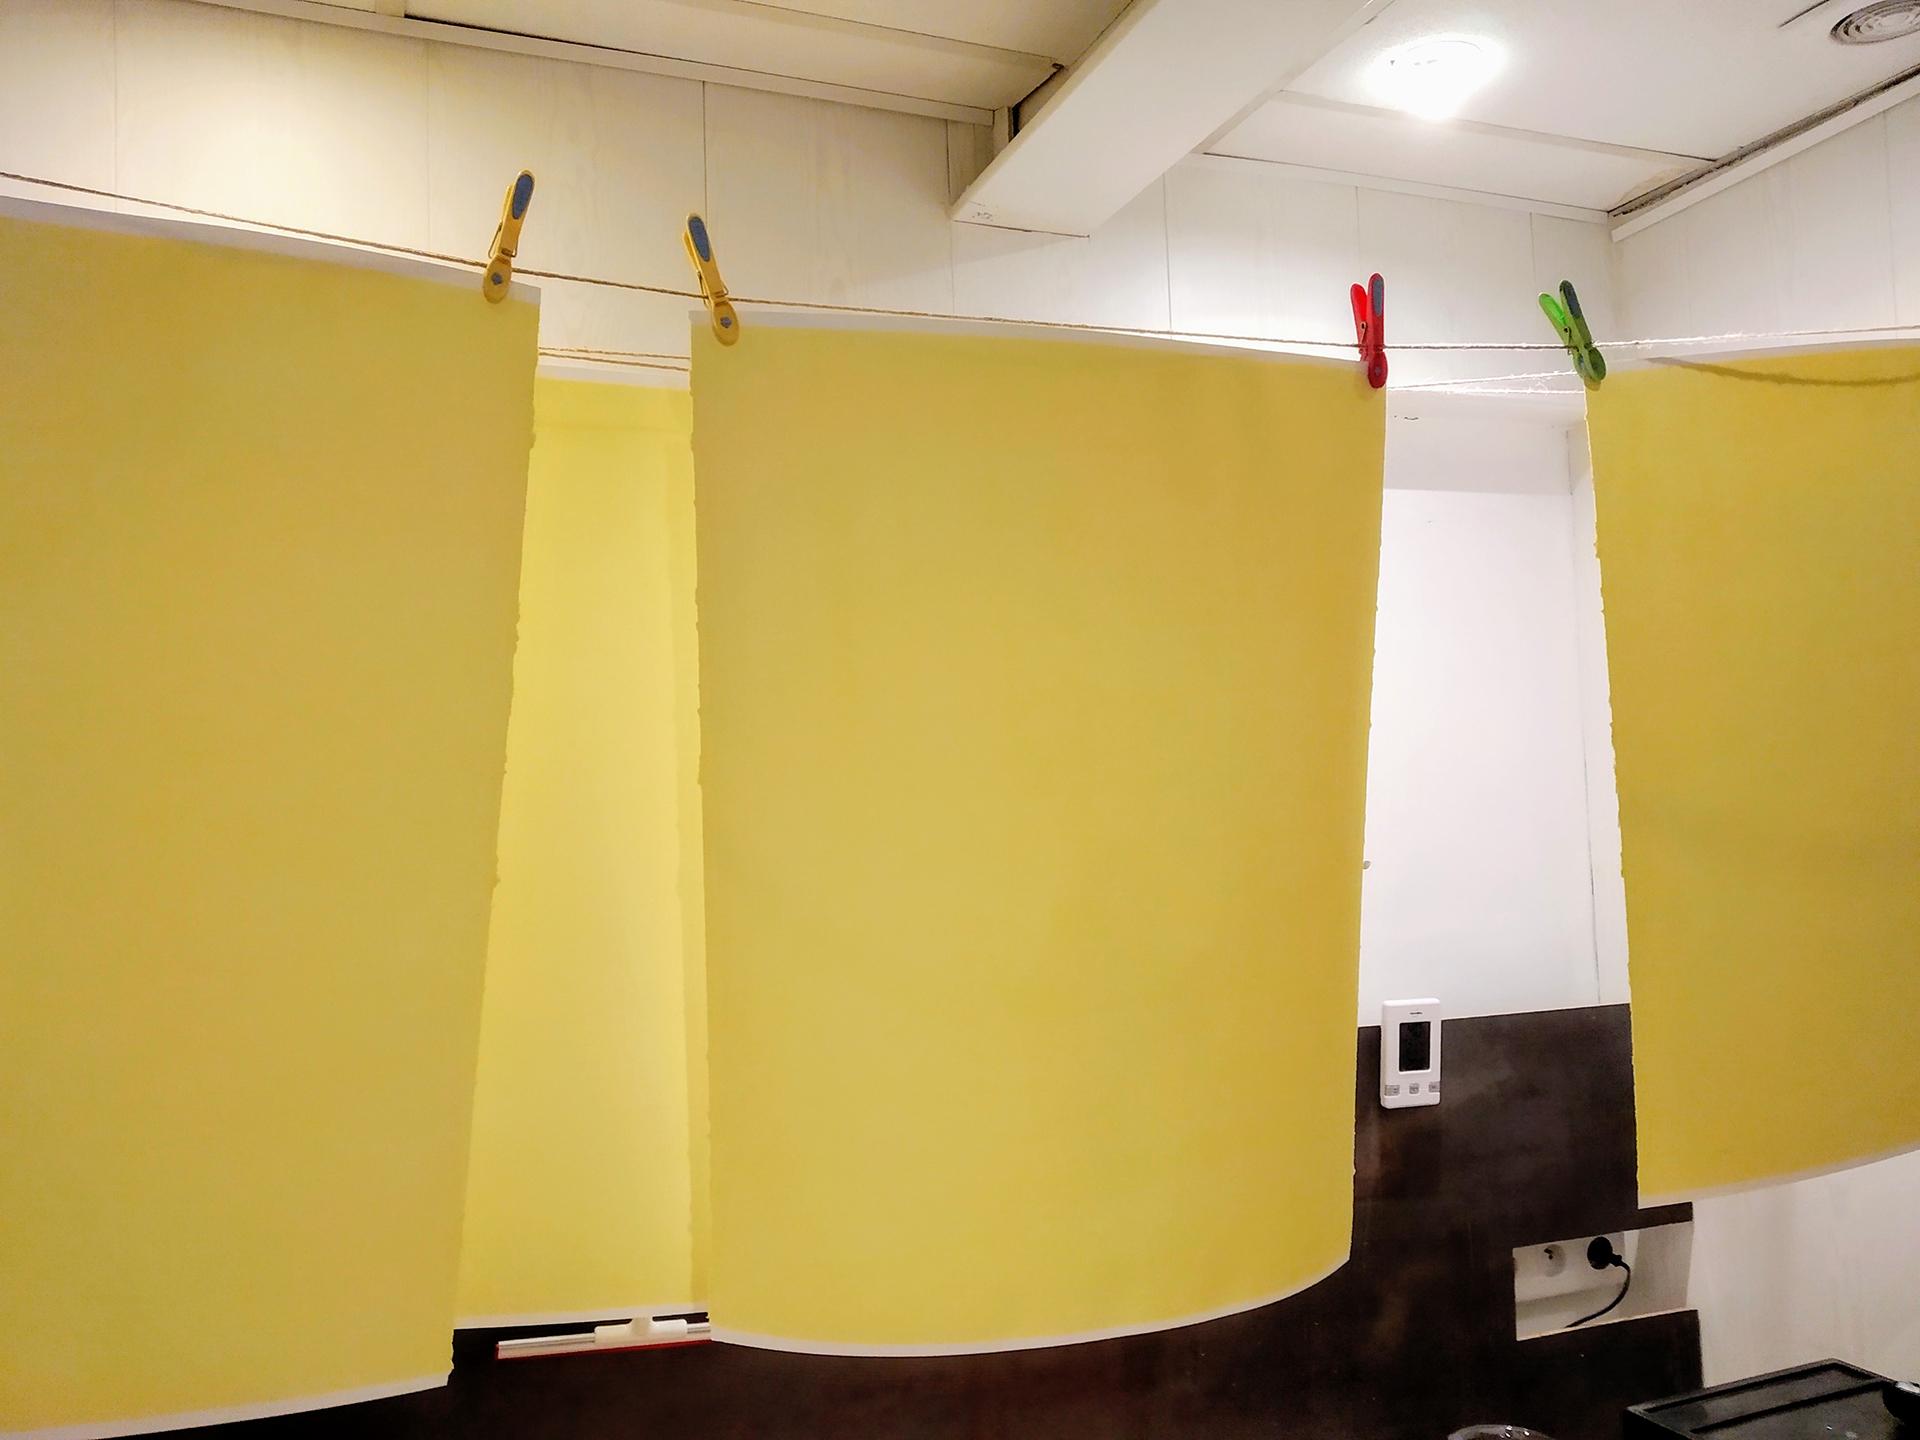 Séchage des papiers - Crédit Photo : Vera Eikona